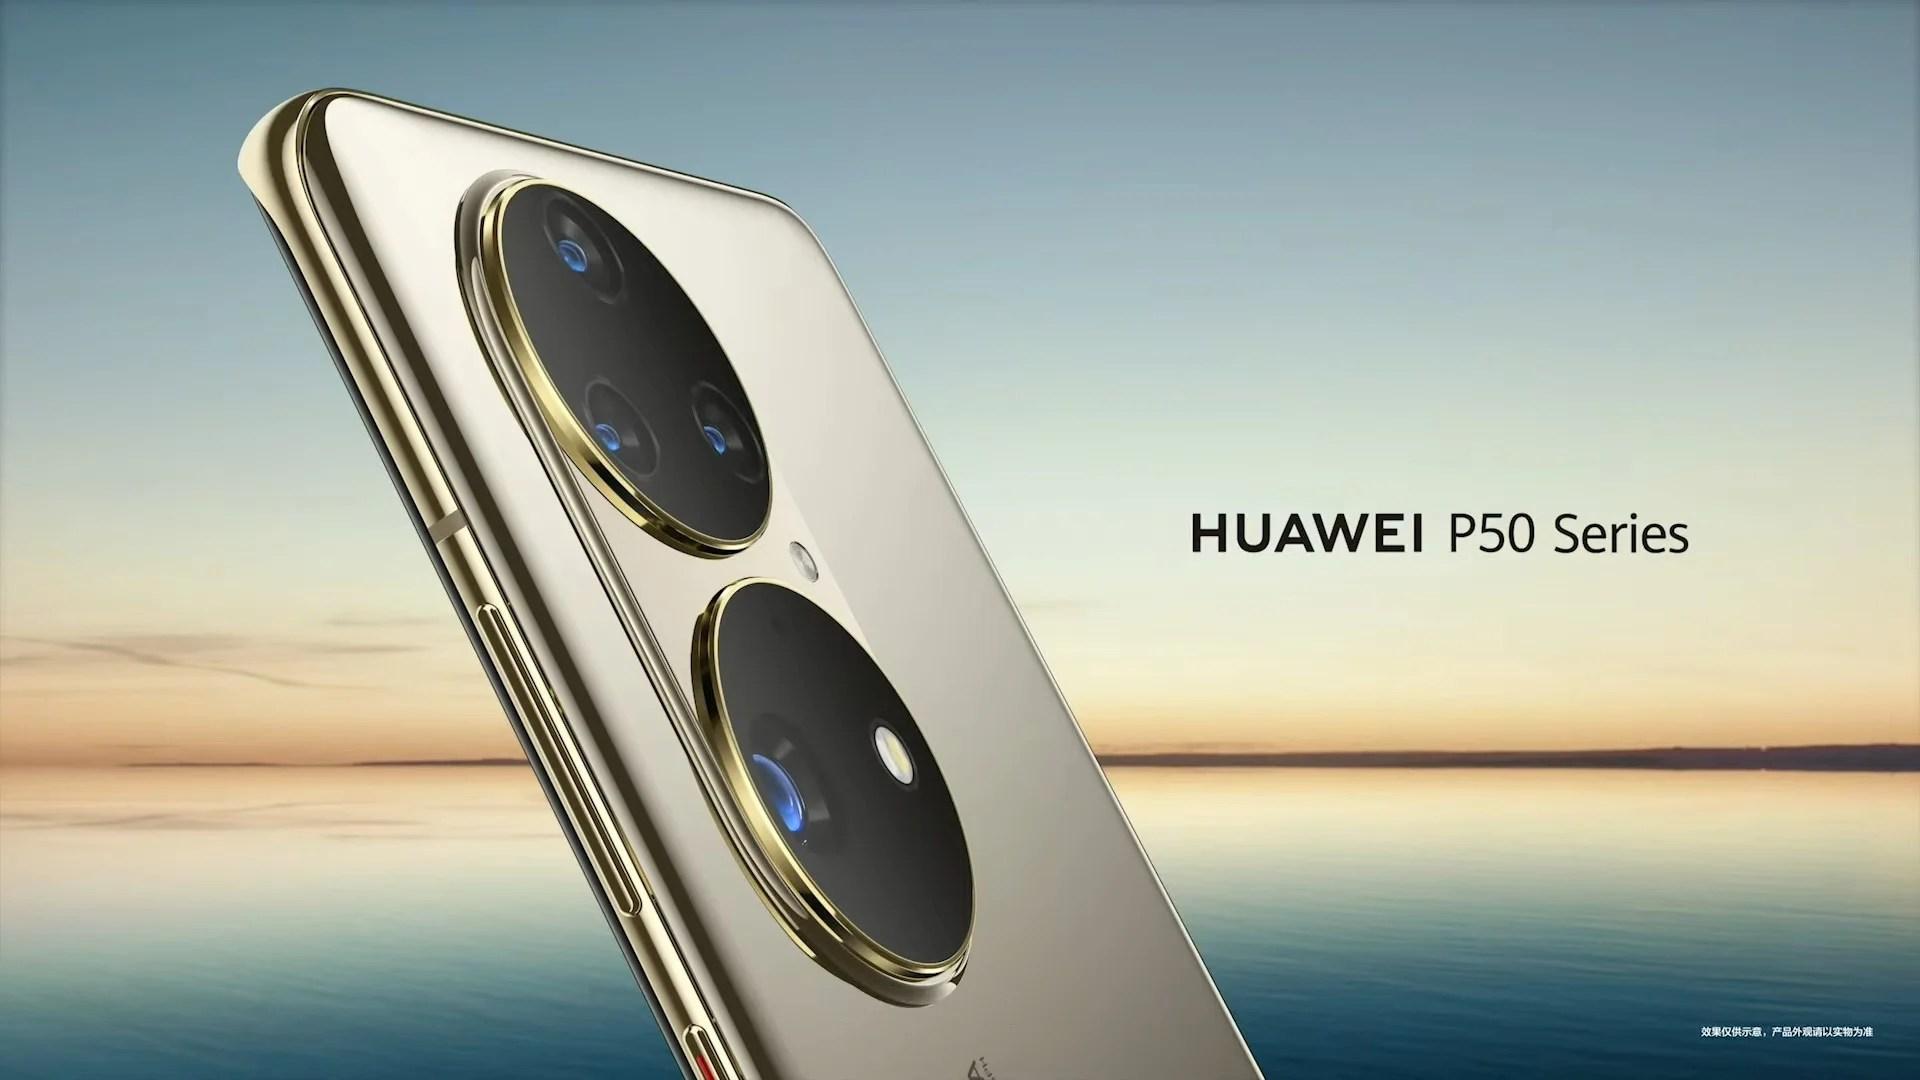 Le HuaweiP50 apparaît dans un coloris très tape-à-l'œil avant sa présentation